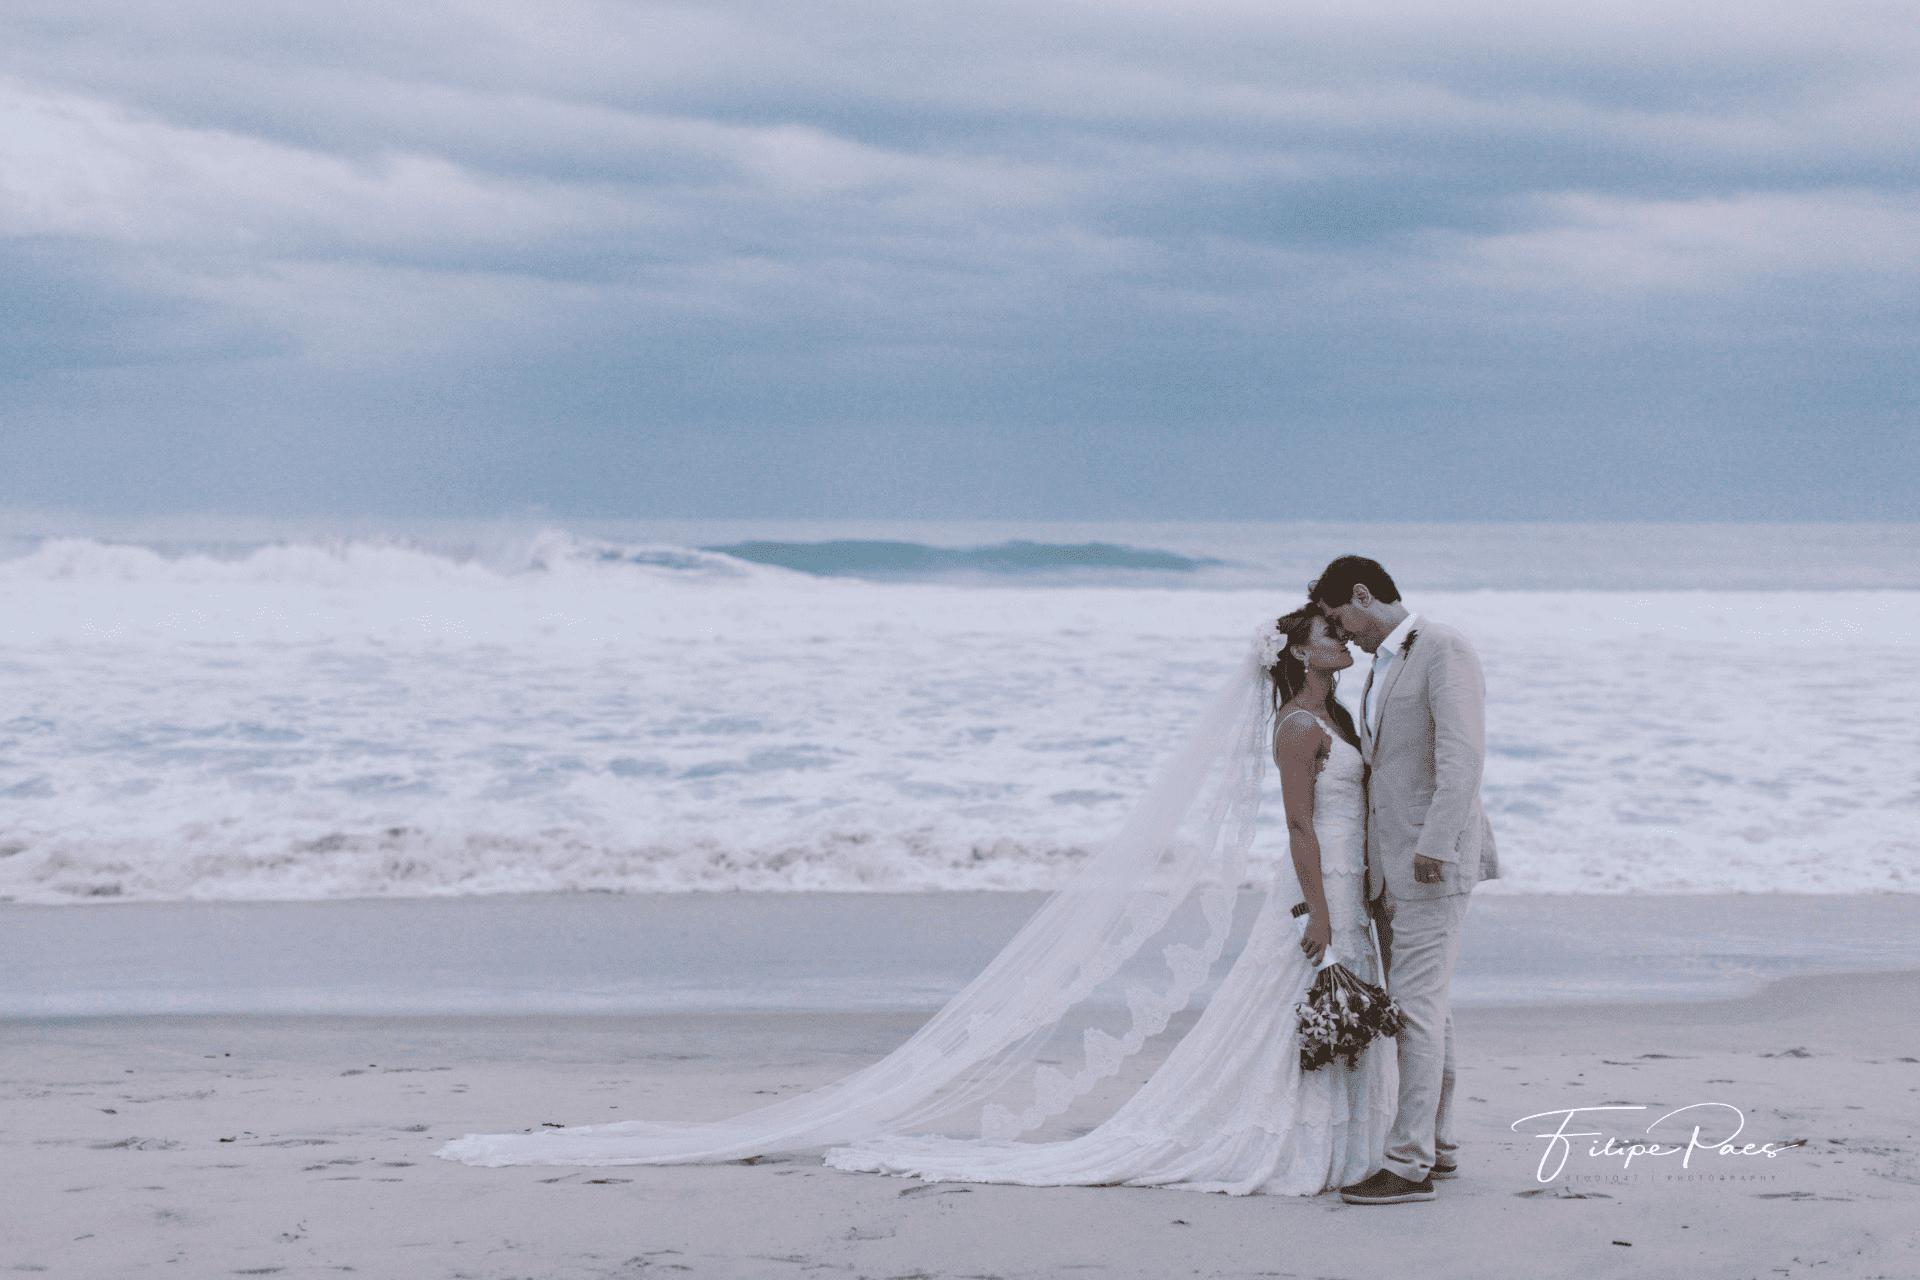 casamento-ao-ar-livre-casamento-de-dia-casamento-Maira-e-Erick-casamento-na-praia-Fotografia-Filipe-Paes-Studio-47-fotos-do-casal-Luaia-Cabanas-Maresias